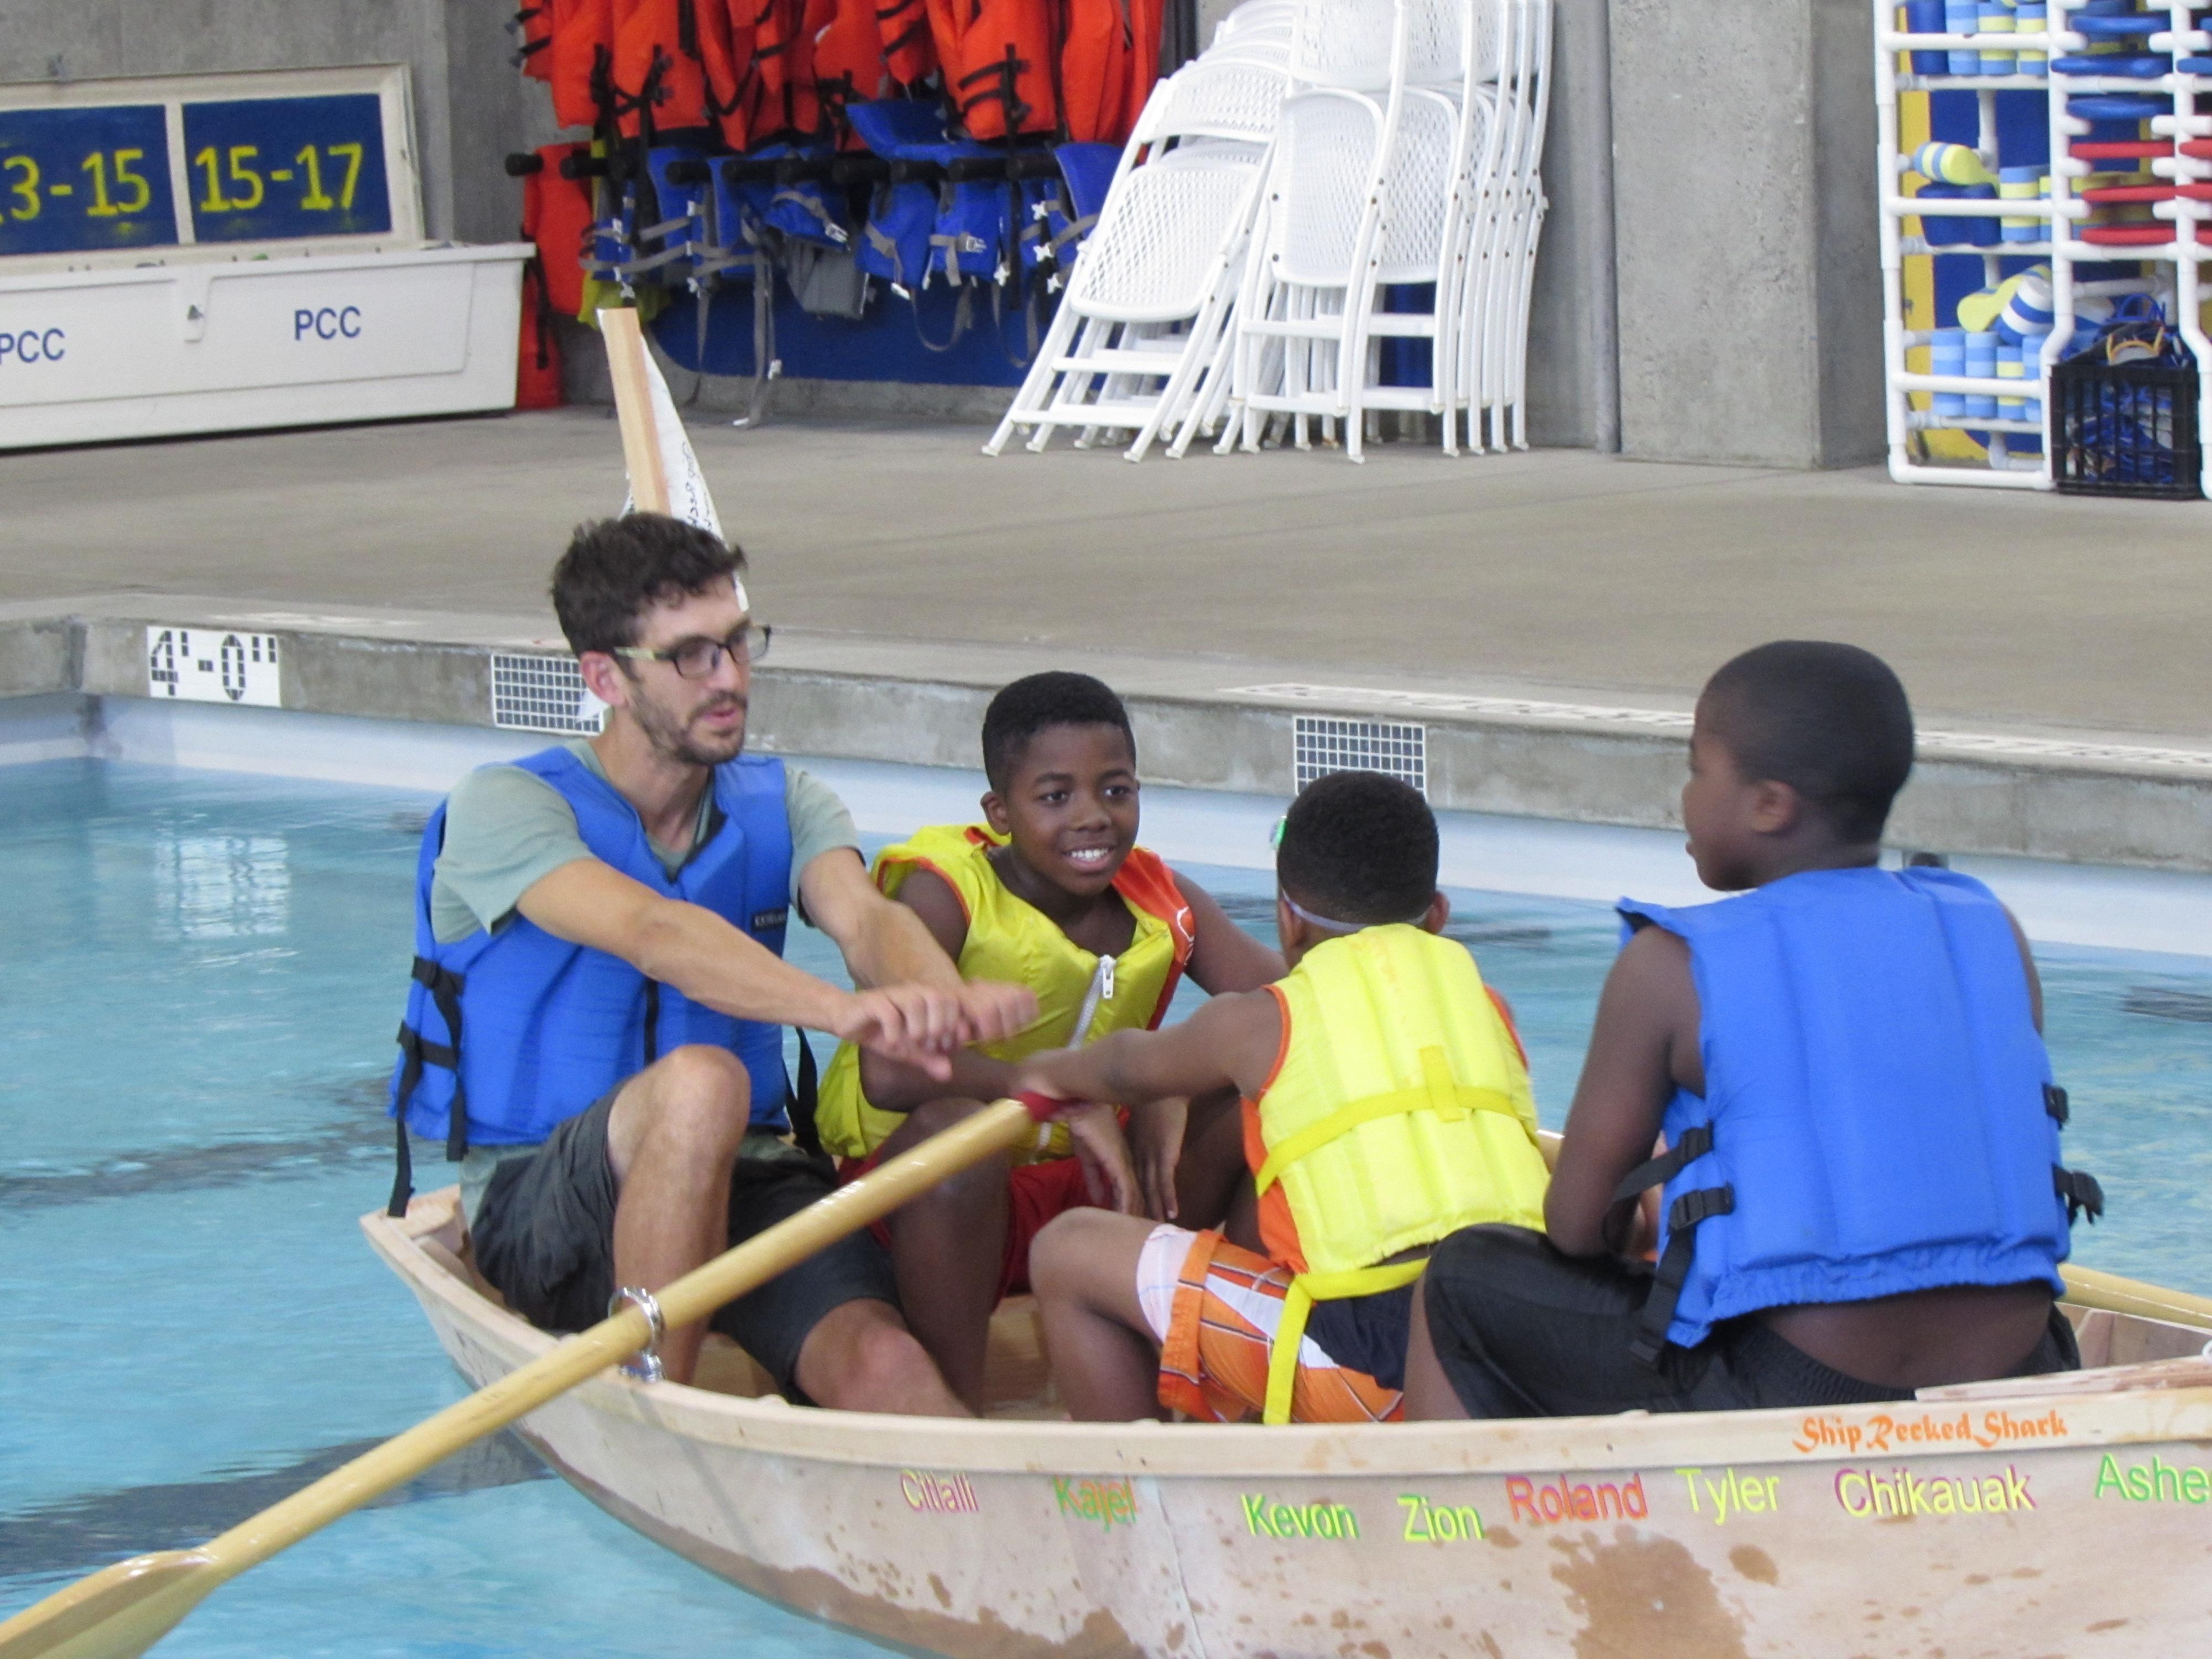 teens build, launch boat at pcc | news at pcc